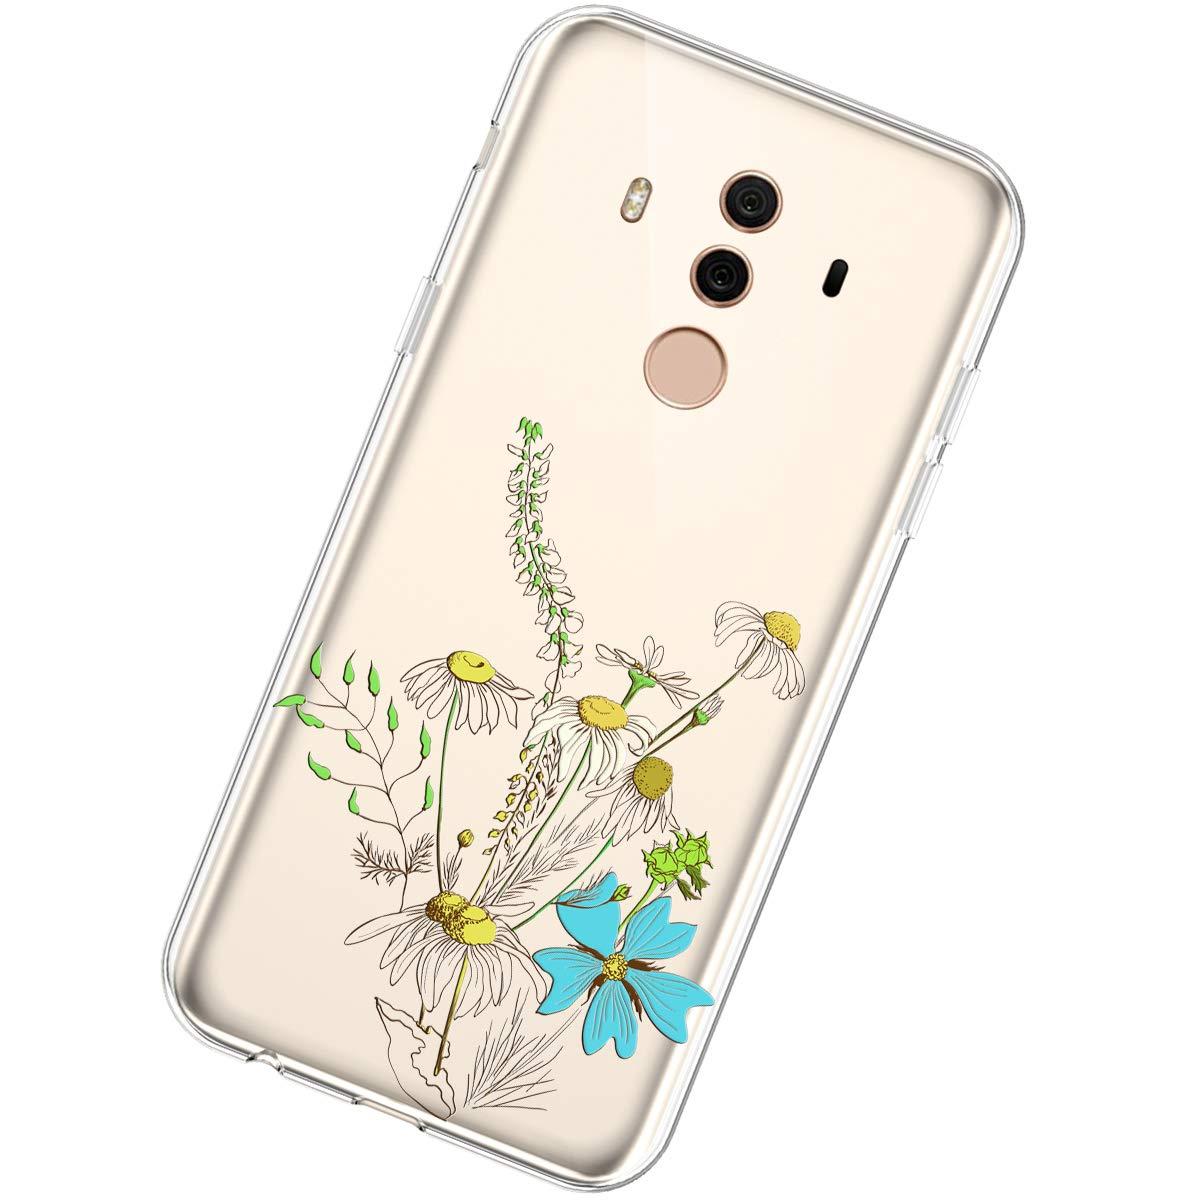 Coque Compatible avec Huawei Mate 10 Pro,/Étui Housse Transparent Cr/éatif Fleur Motif Clair Design Souple TPU Silicone Ultra Mince Poids l/éger Anti Choc Crystal Gel Soft Slim Flexible Bumper Case,#26